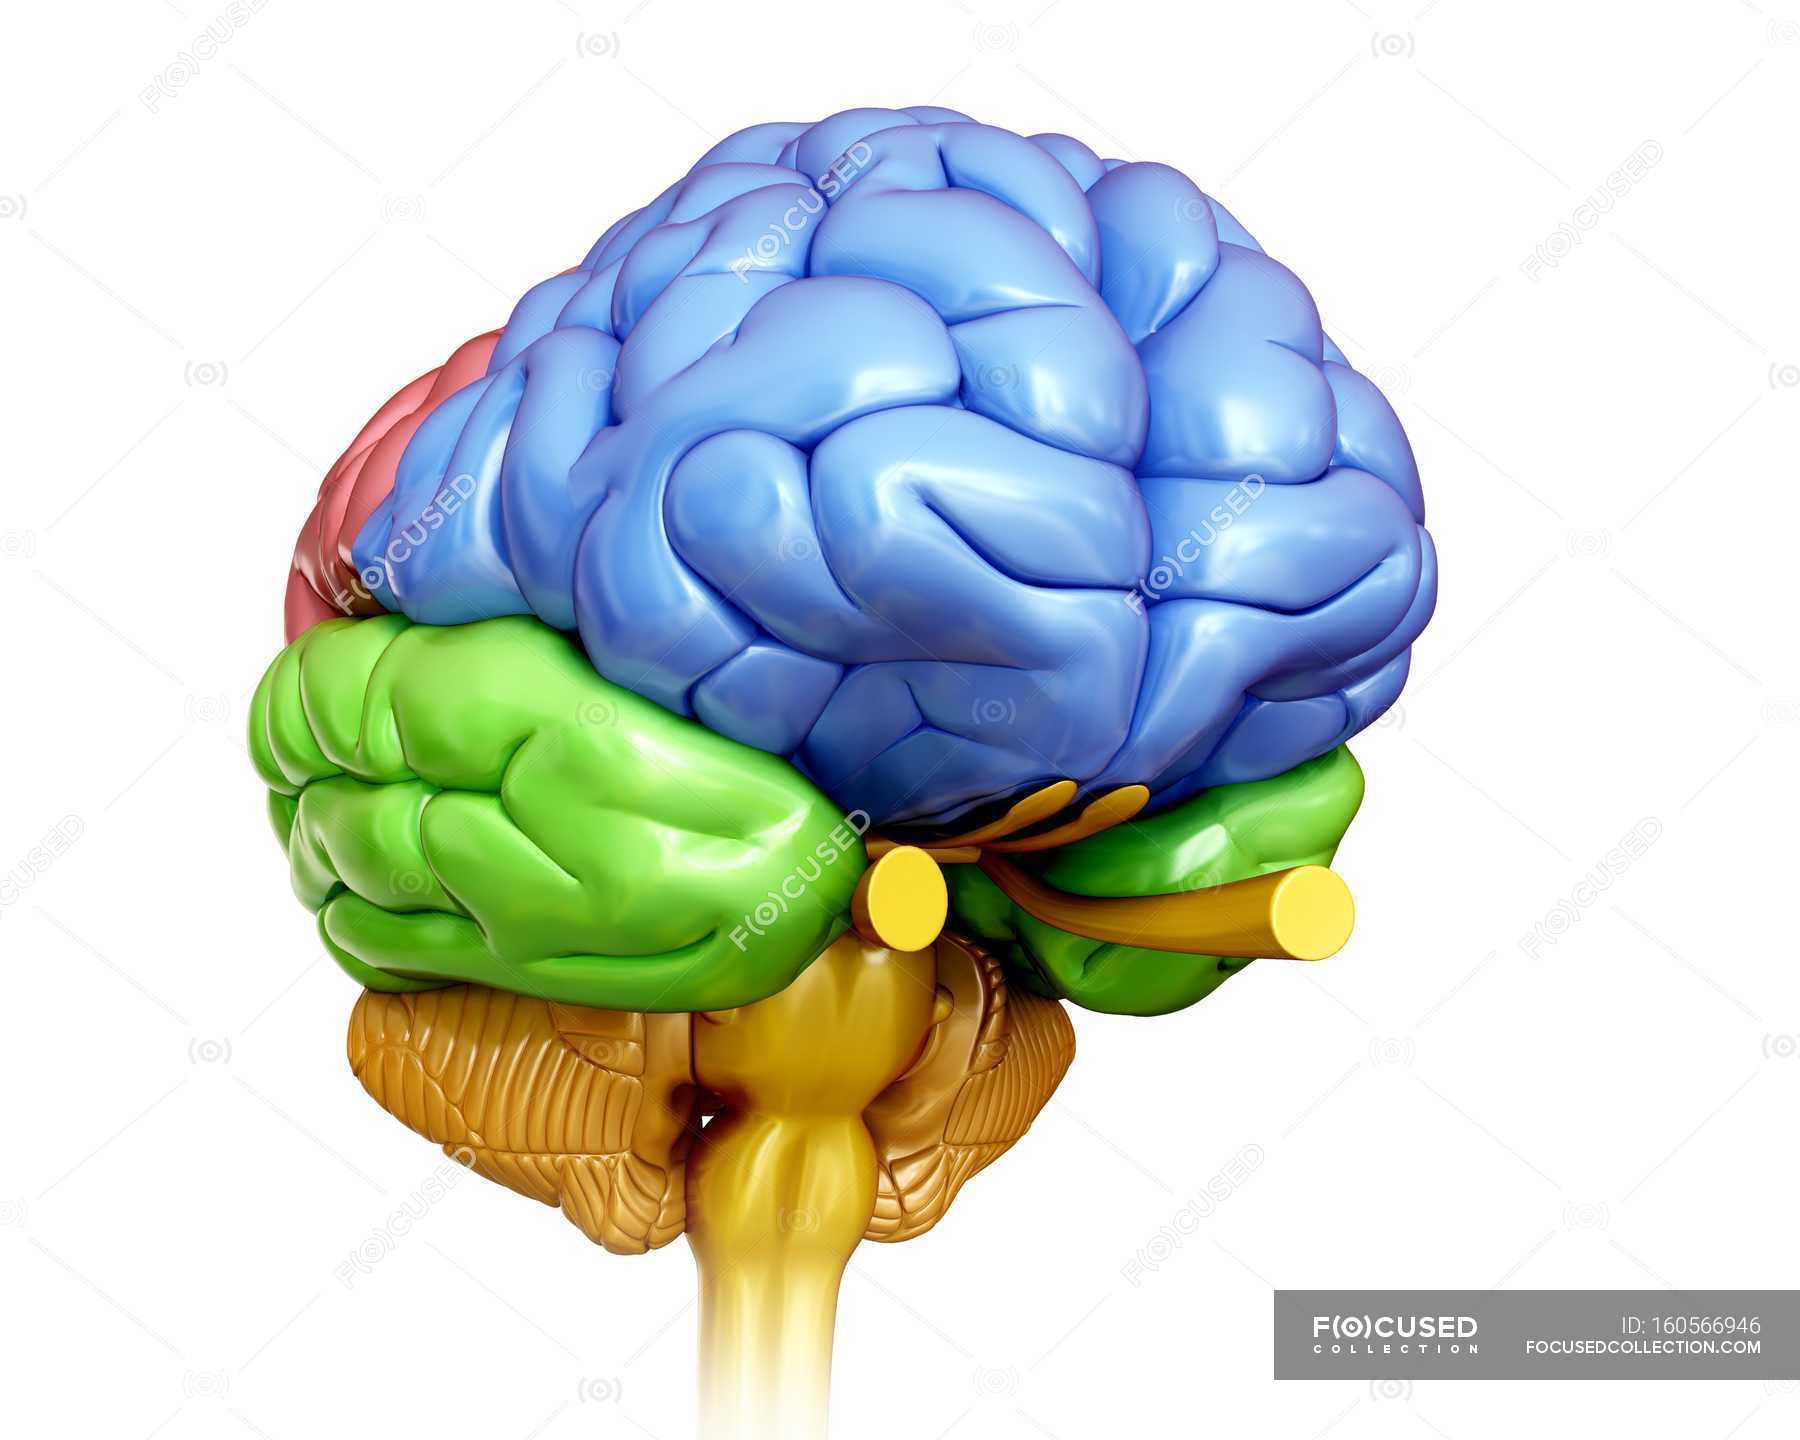 Anatomía del cerebro humano - foto de stock   #160566946